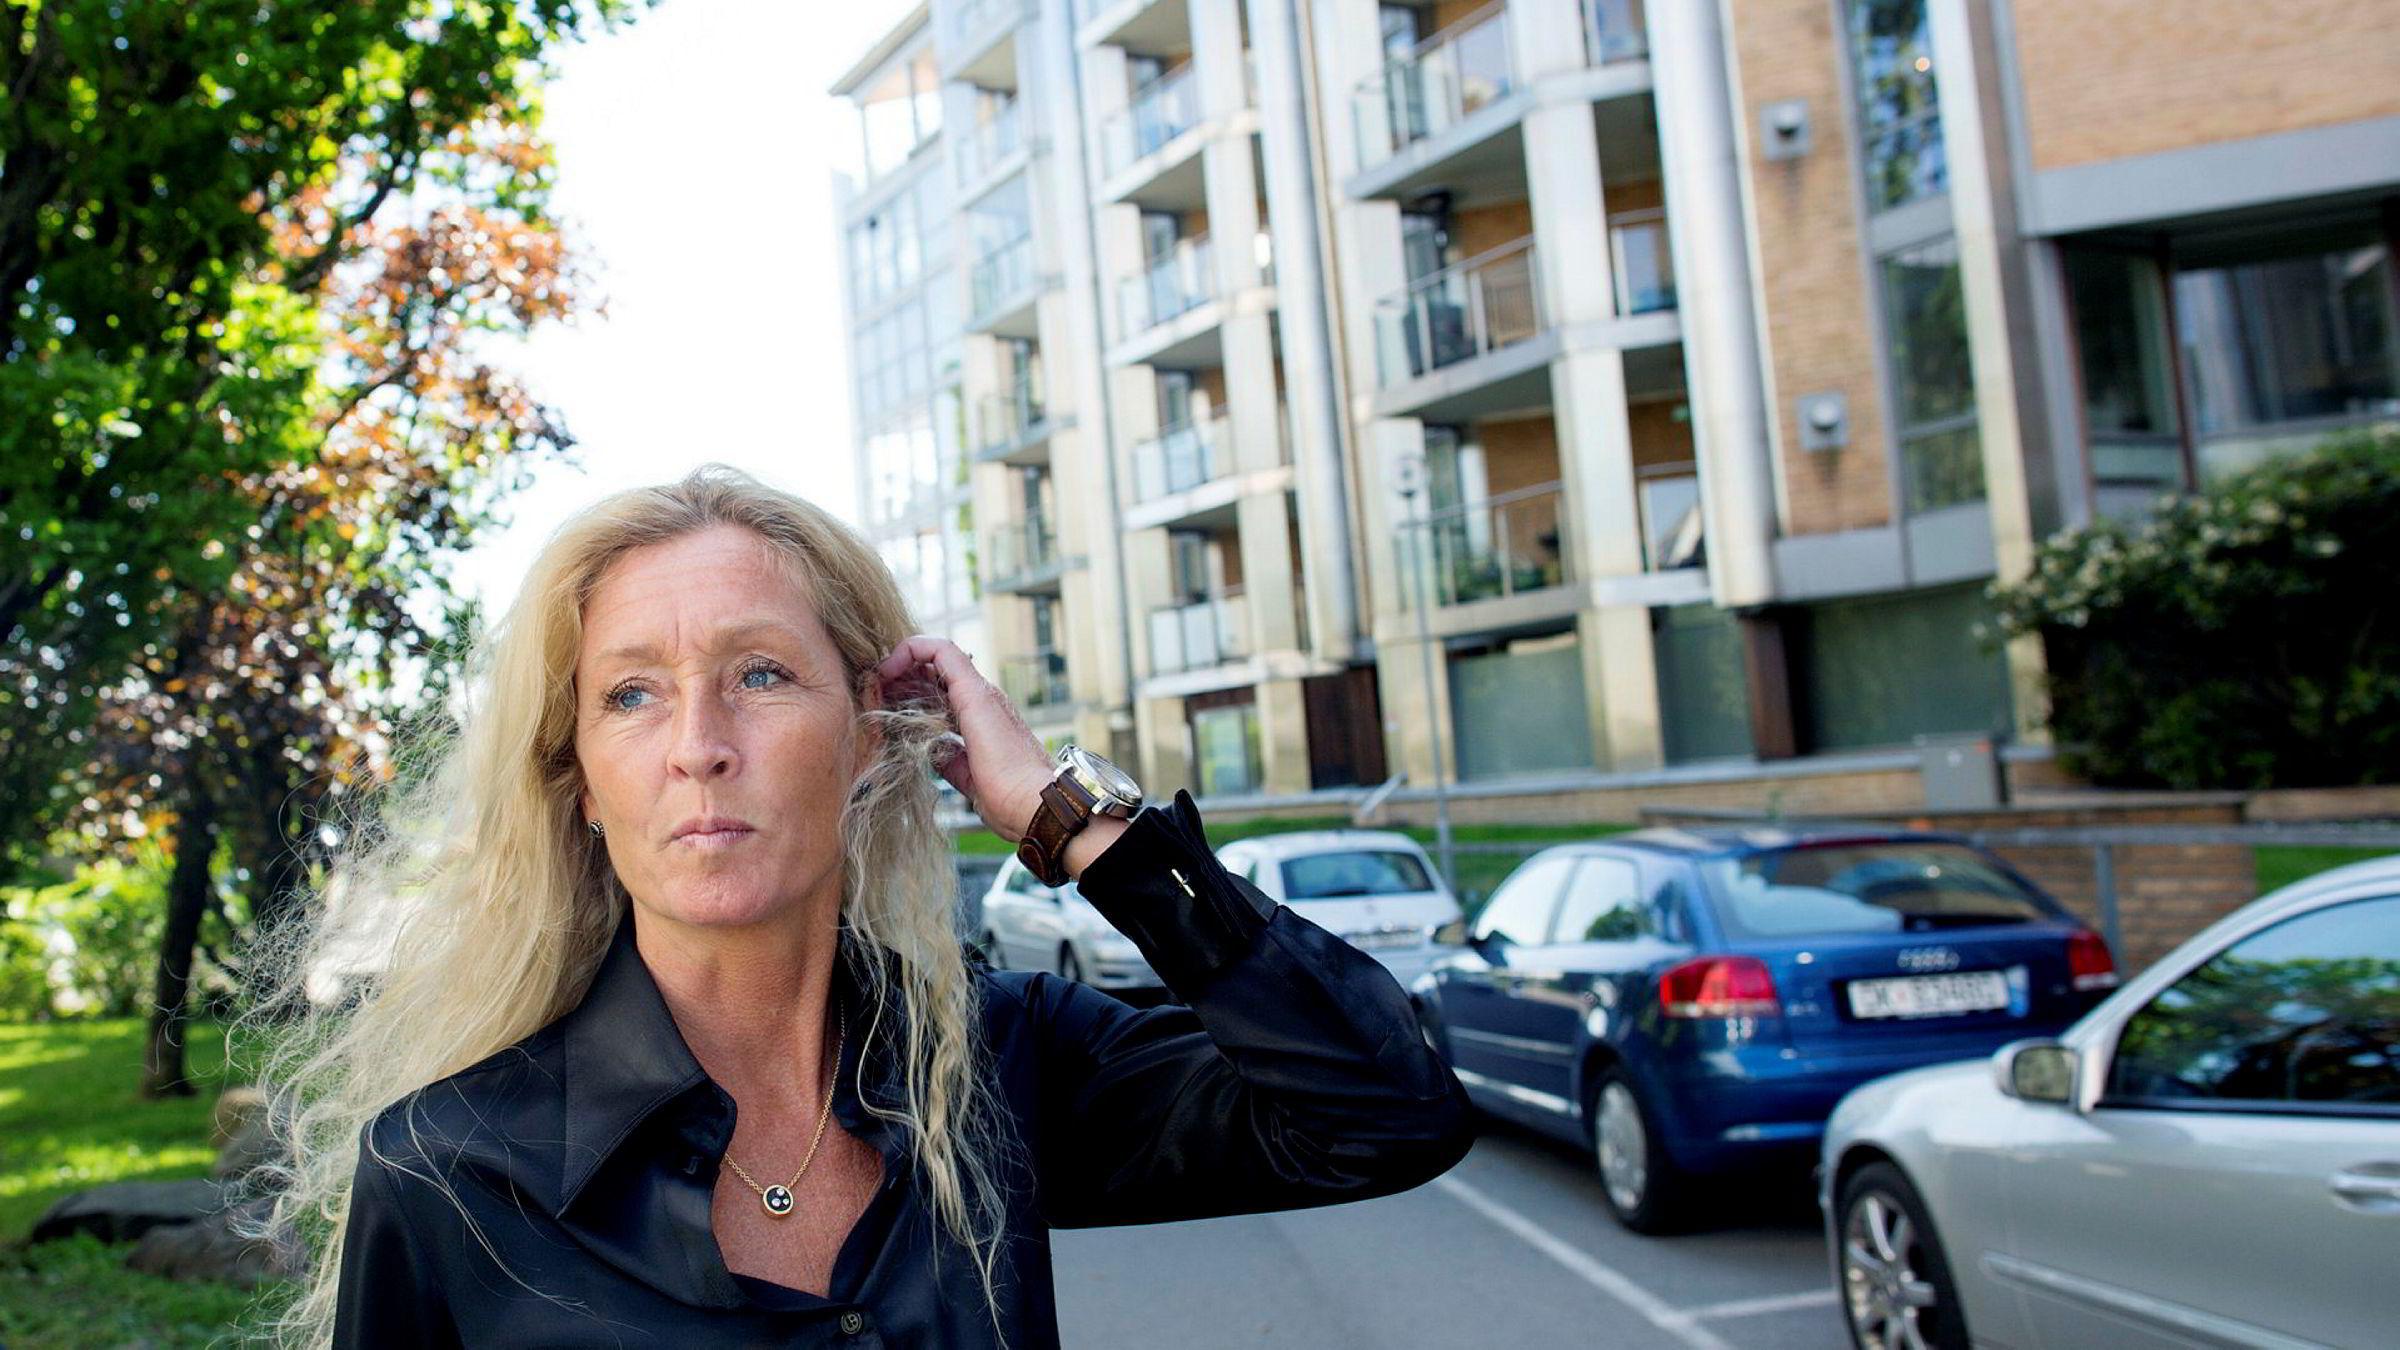 – Den største ubalansen i boligmarkedet akkurat nå er boliglånsforskriften, mener administrerende direktør Grethe Wittenberg Meier i Privatmegleren.